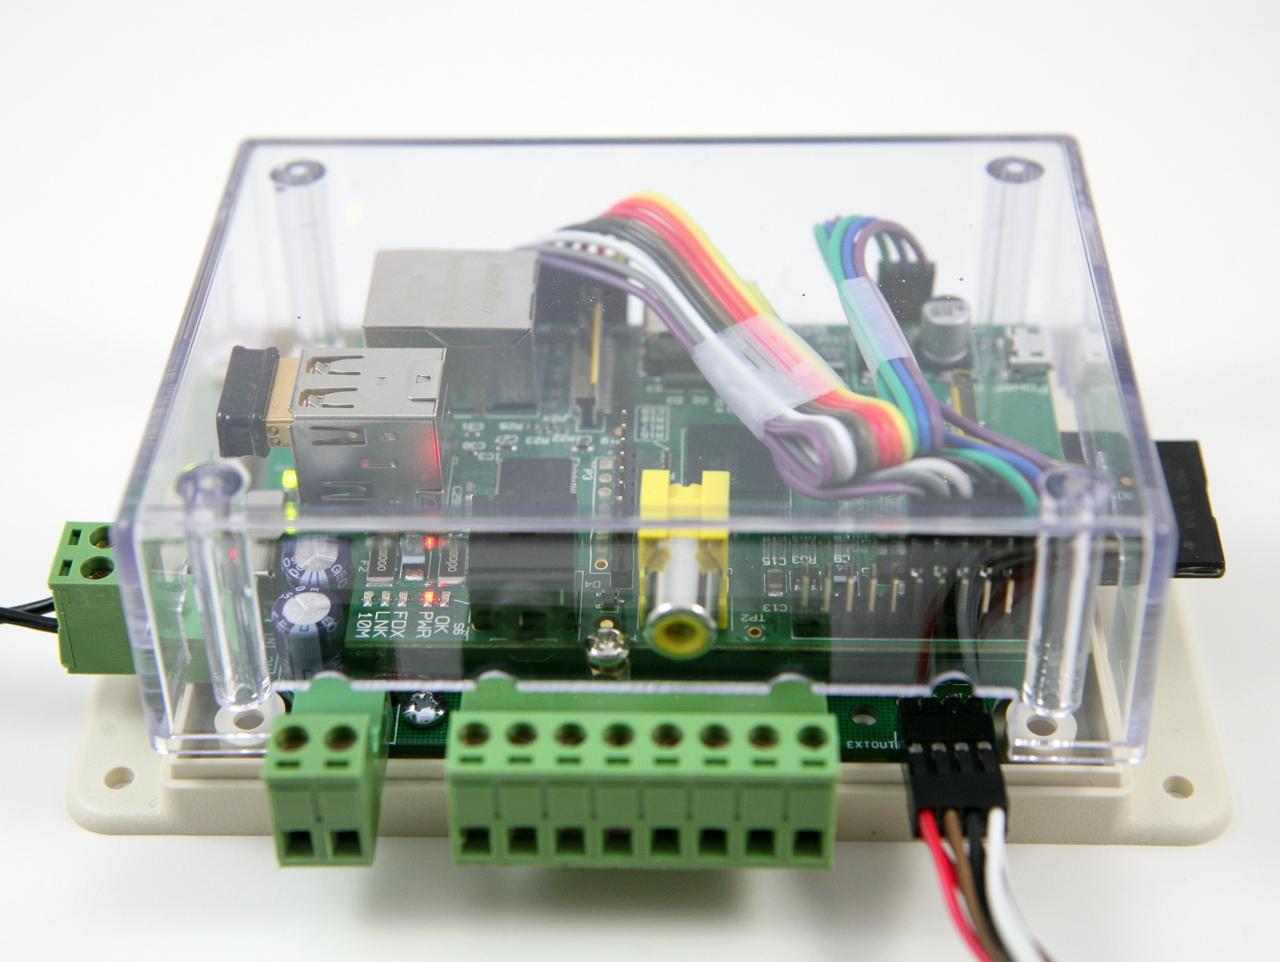 OpenSprinkler Pi (OSPi) — Sprinkler / Irrigation Extension